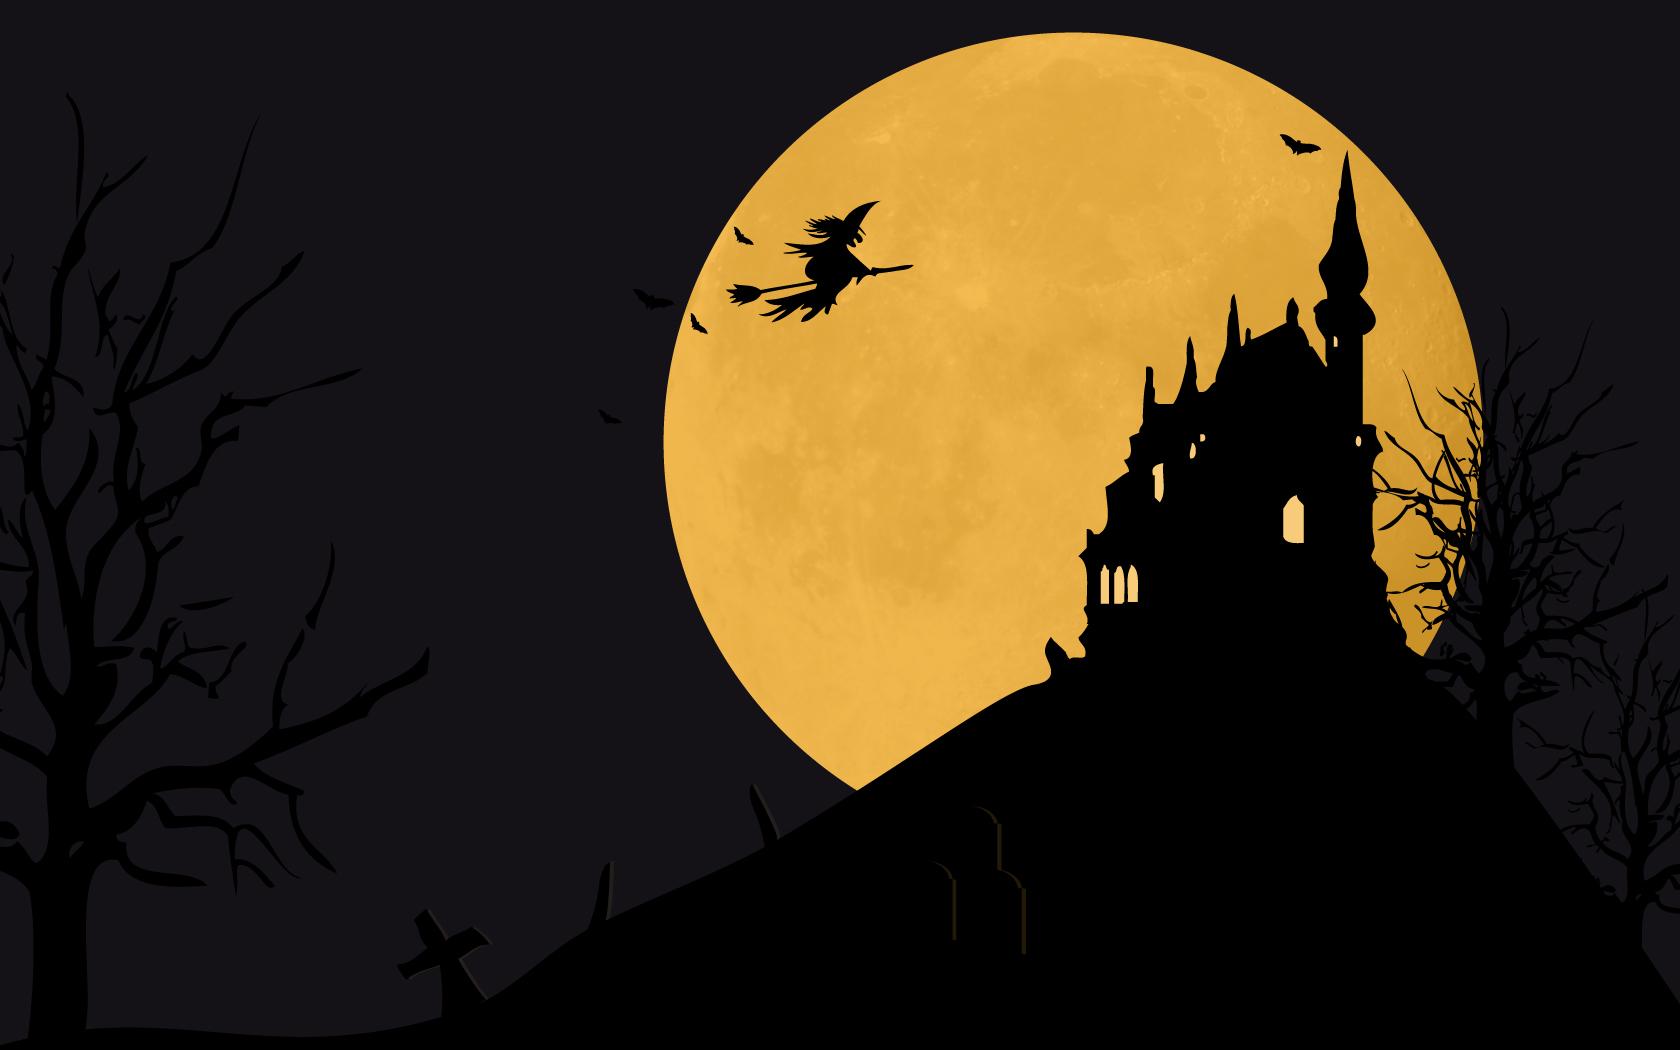 Halloween Witch Wallpaper Desktop - WallpaperSafari